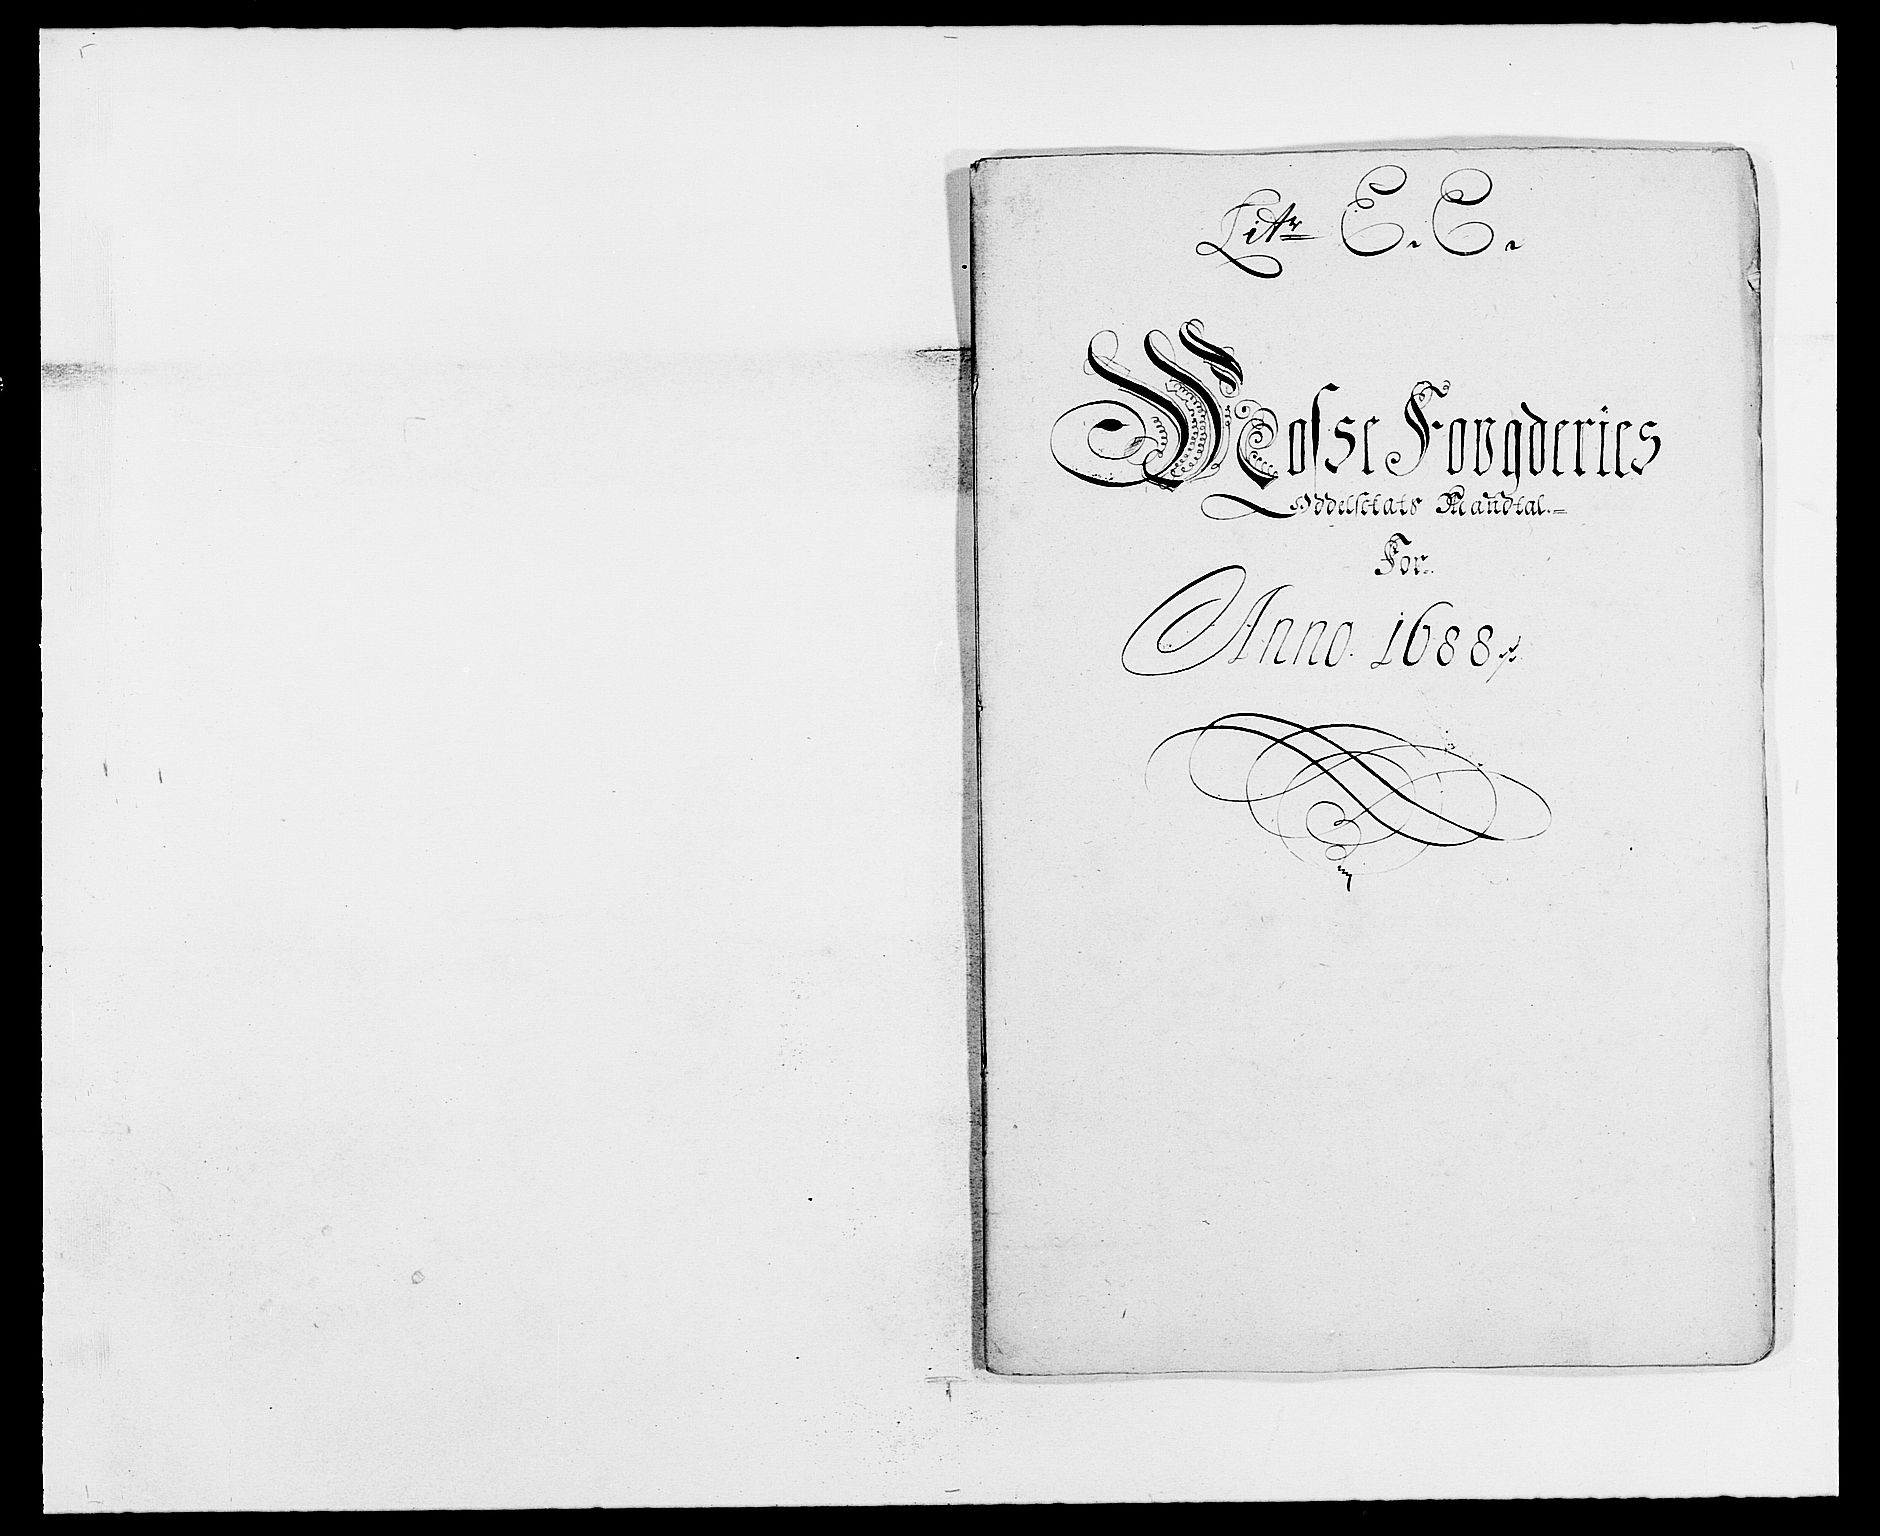 RA, Rentekammeret inntil 1814, Reviderte regnskaper, Fogderegnskap, R02/L0106: Fogderegnskap Moss og Verne kloster, 1688-1691, s. 101